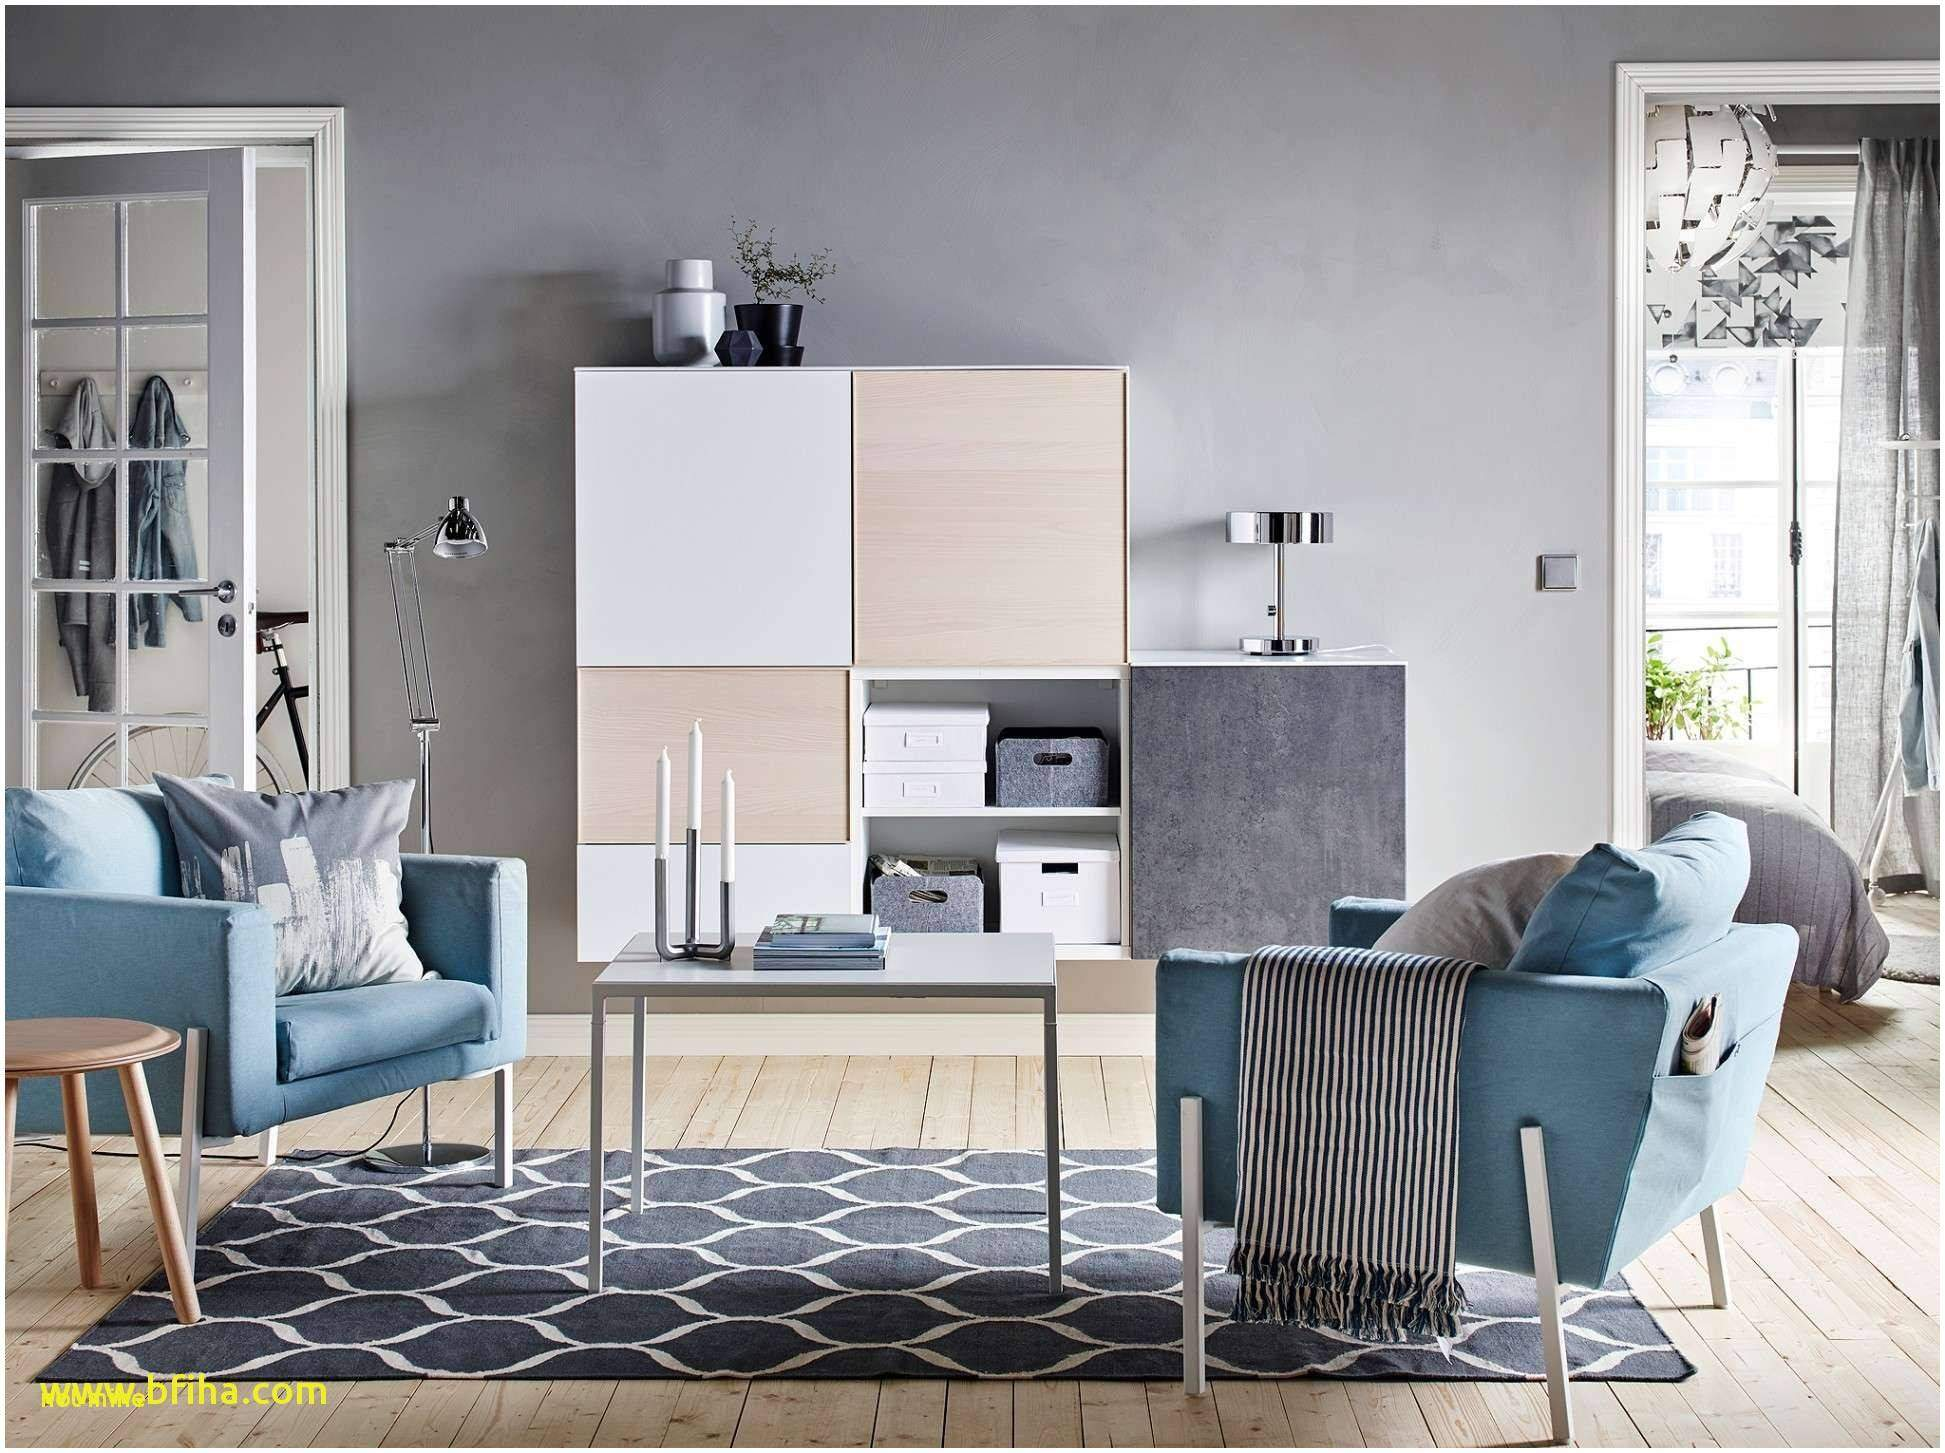 wohnzimmer neu gestalten vorher nachher neu wohnzimmer design einrichten inspirierend of wohnzimmer neu gestalten vorher nachher